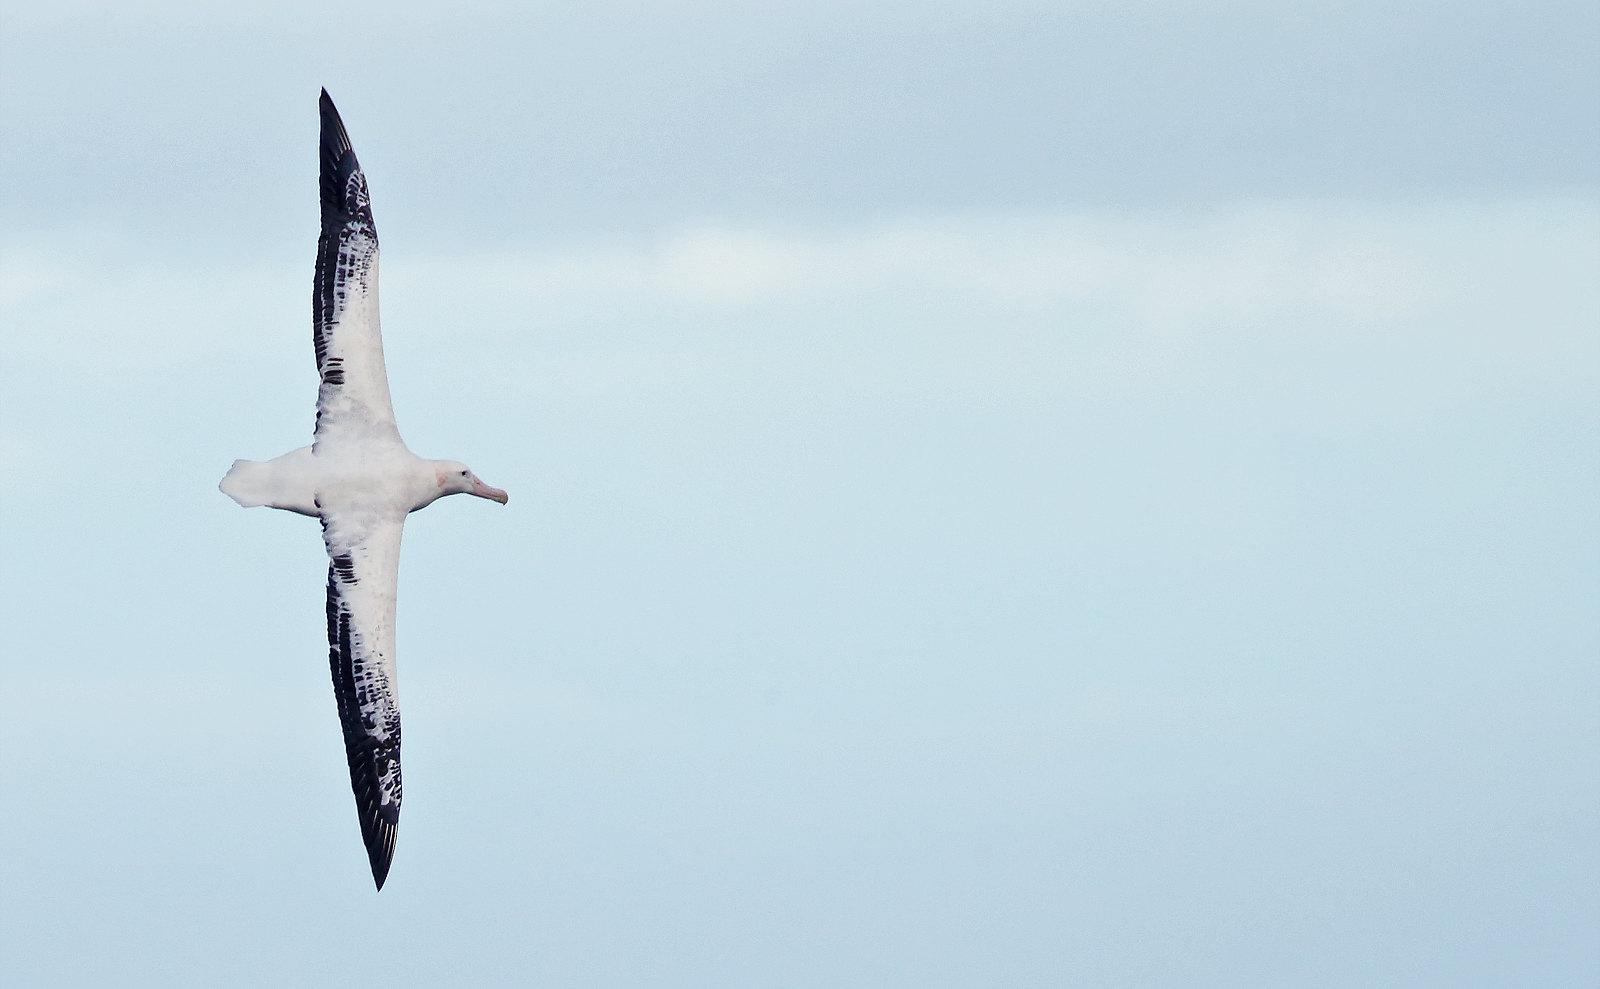 Snowy Wandering Albatross